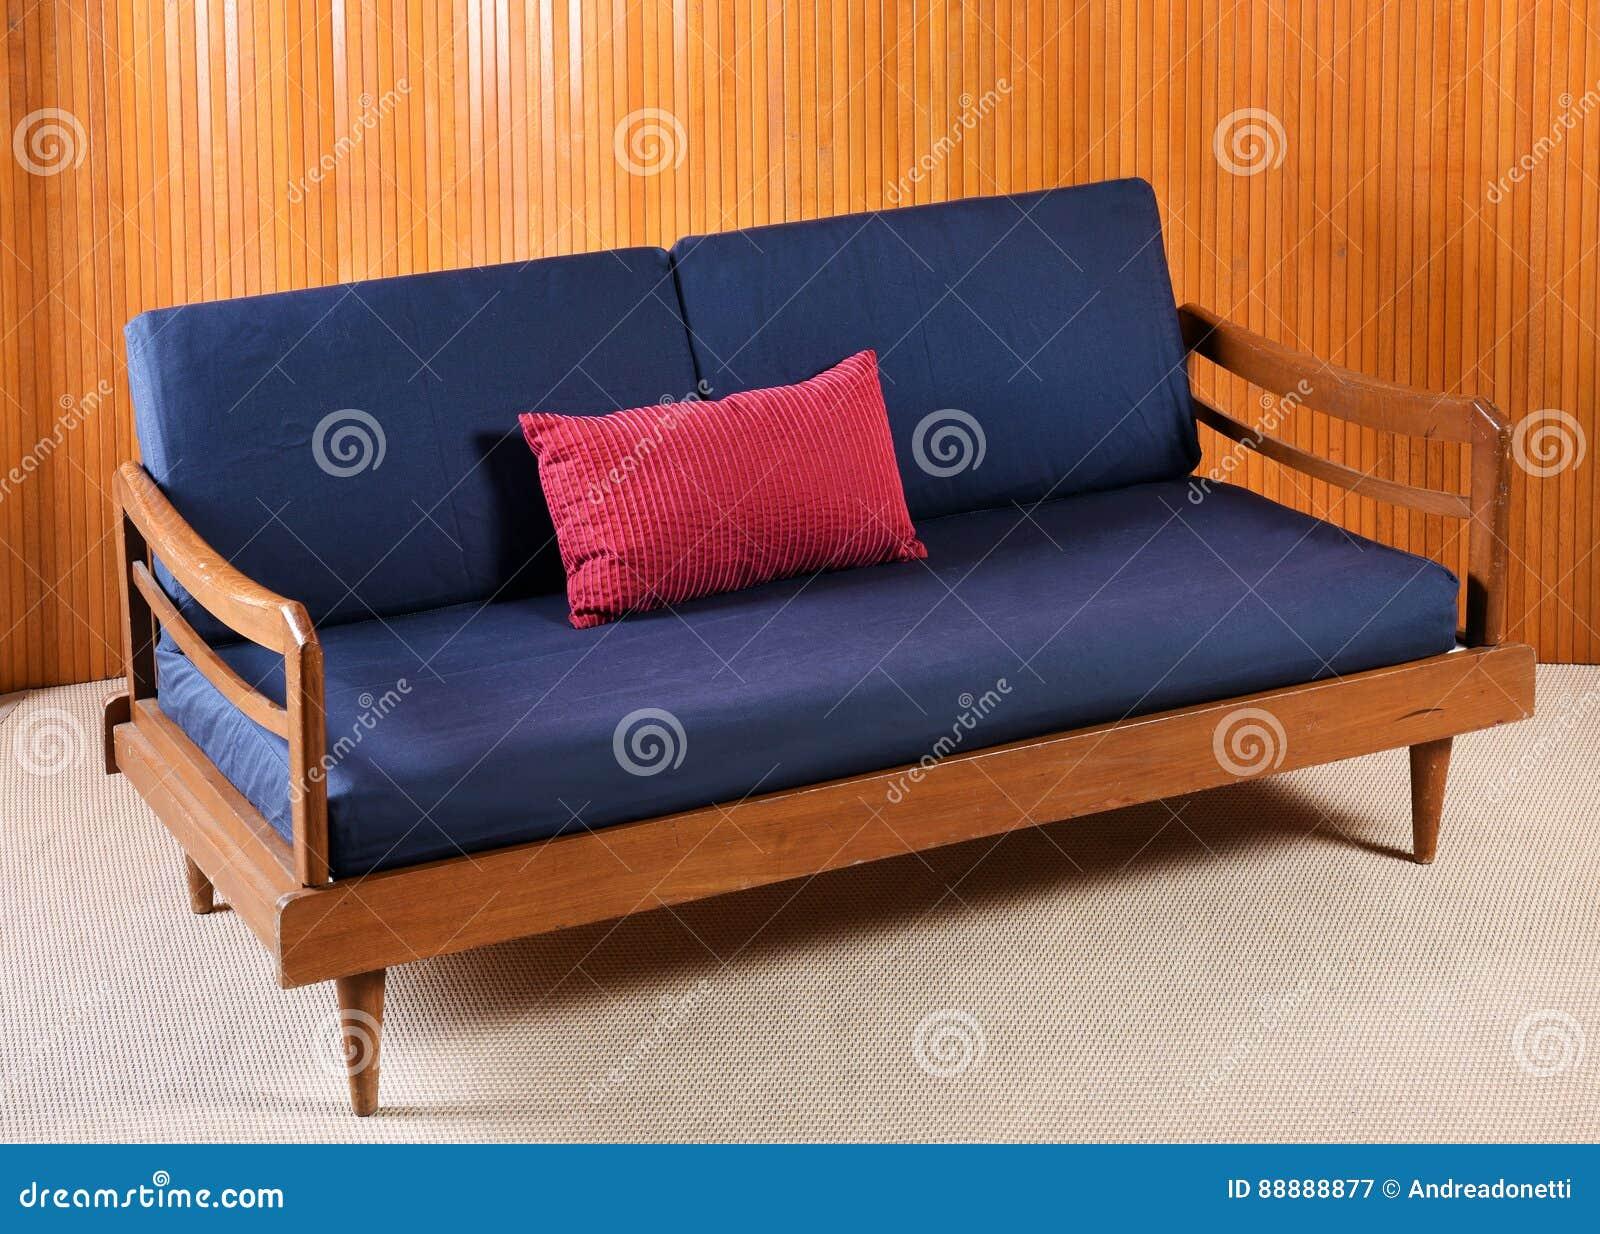 Hoher Winkel Stillleben Ansicht Des Weinlese Hölzernen Sofas Mit  Marine Blau Und Rot Kissen Im Wohnzimmer Mit Beige Teppich Und Holz Wand  Täfelung